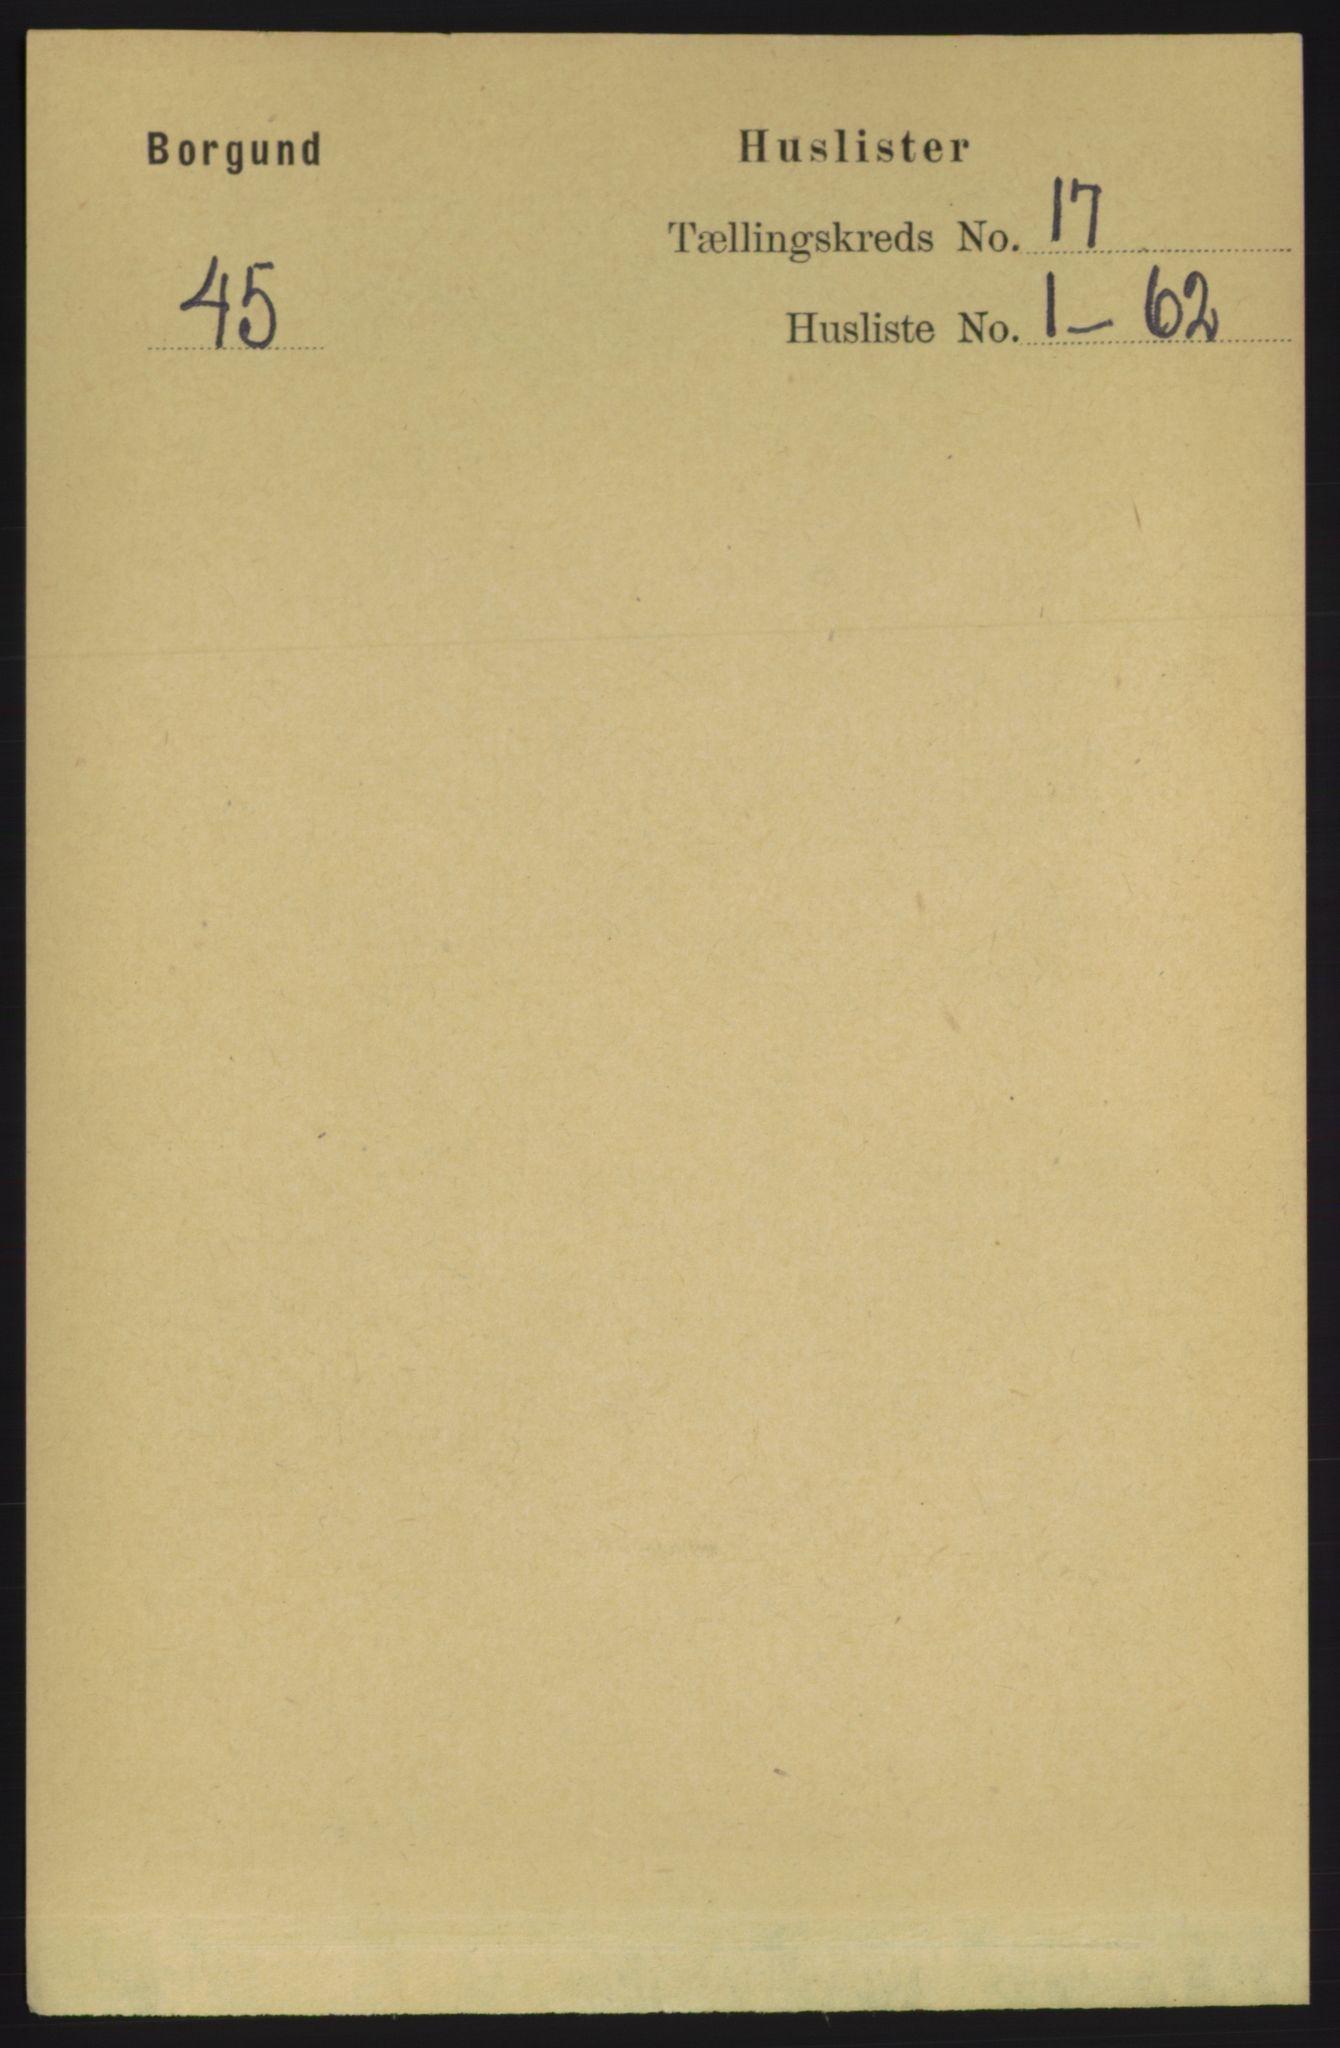 RA, Folketelling 1891 for 1531 Borgund herred, 1891, s. 4909